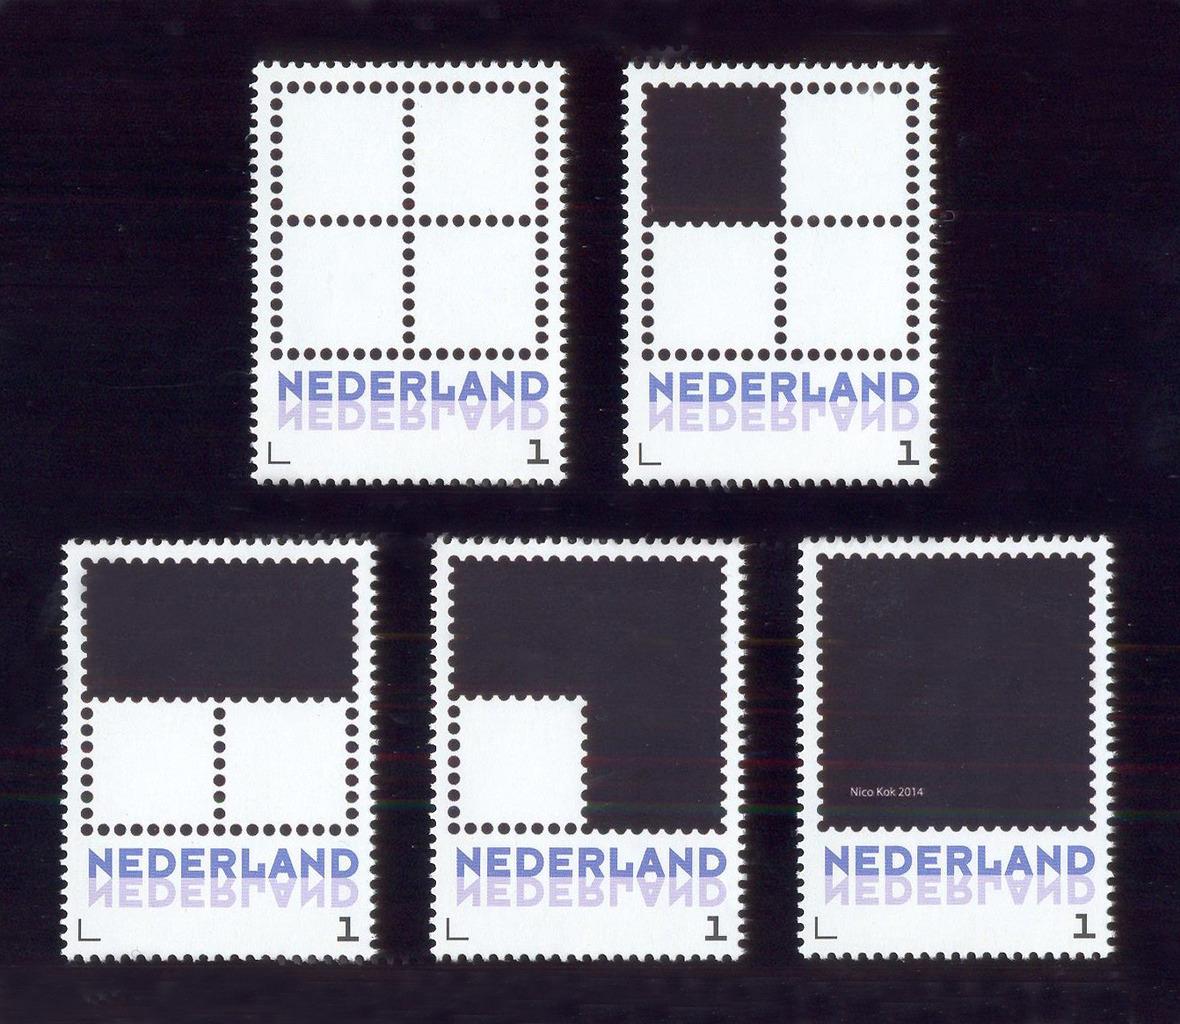 Vierkant met middellijnen